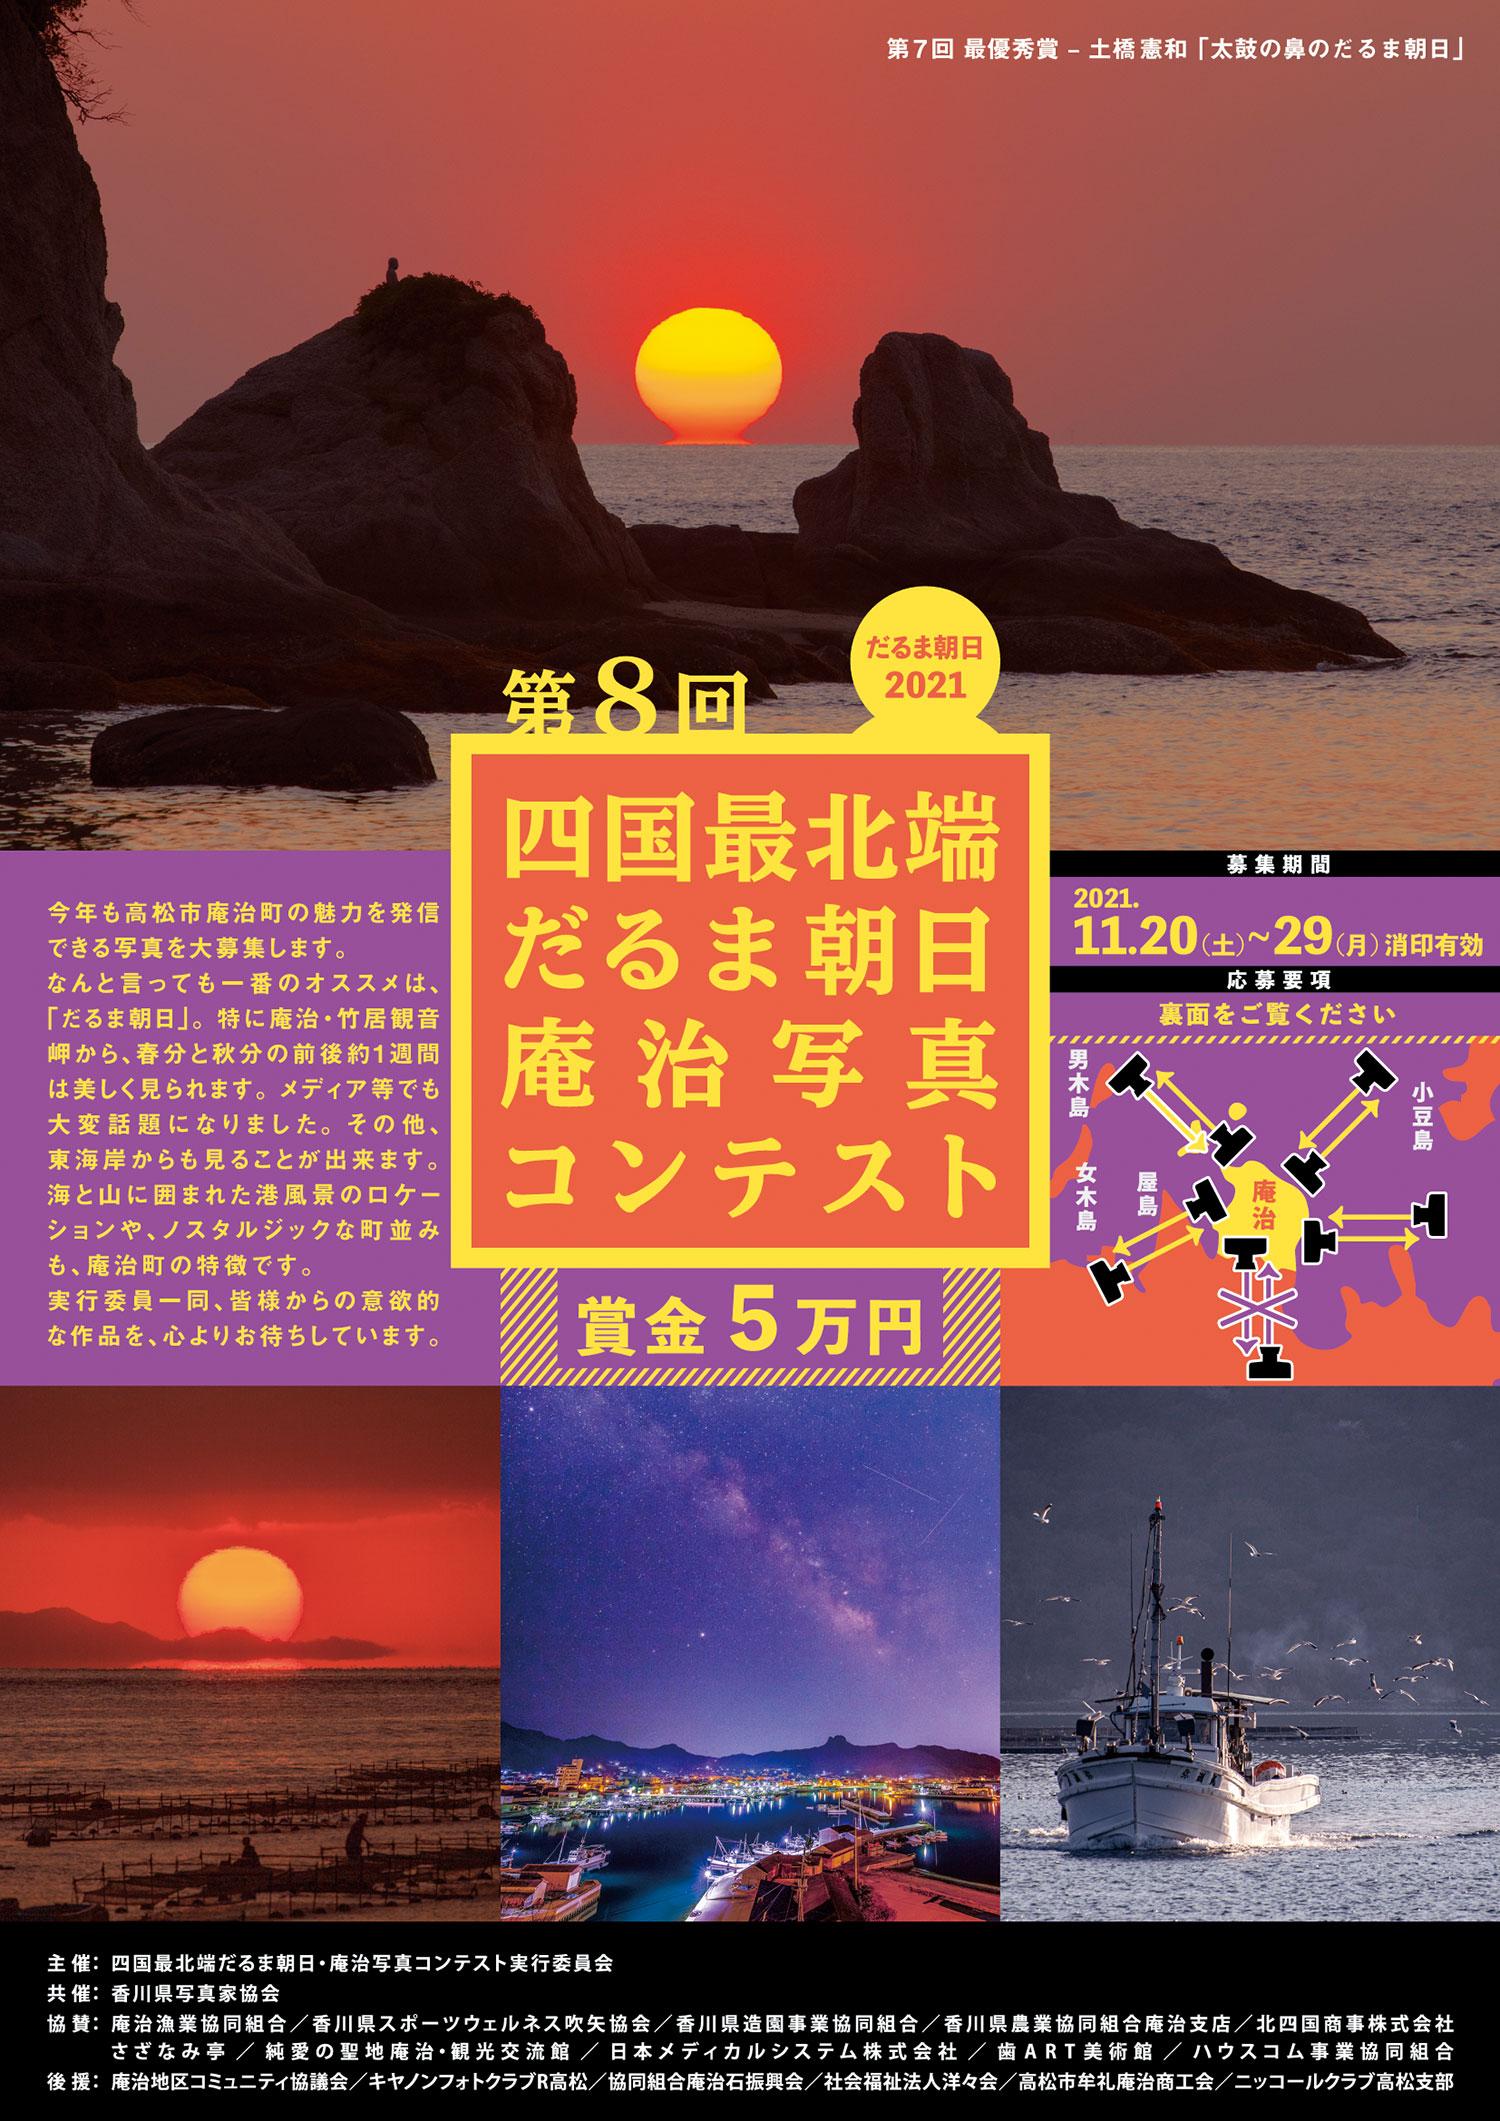 第8回(2021年度) 四国最北端だるま朝日・庵治写真コンテスト 応募要項 表